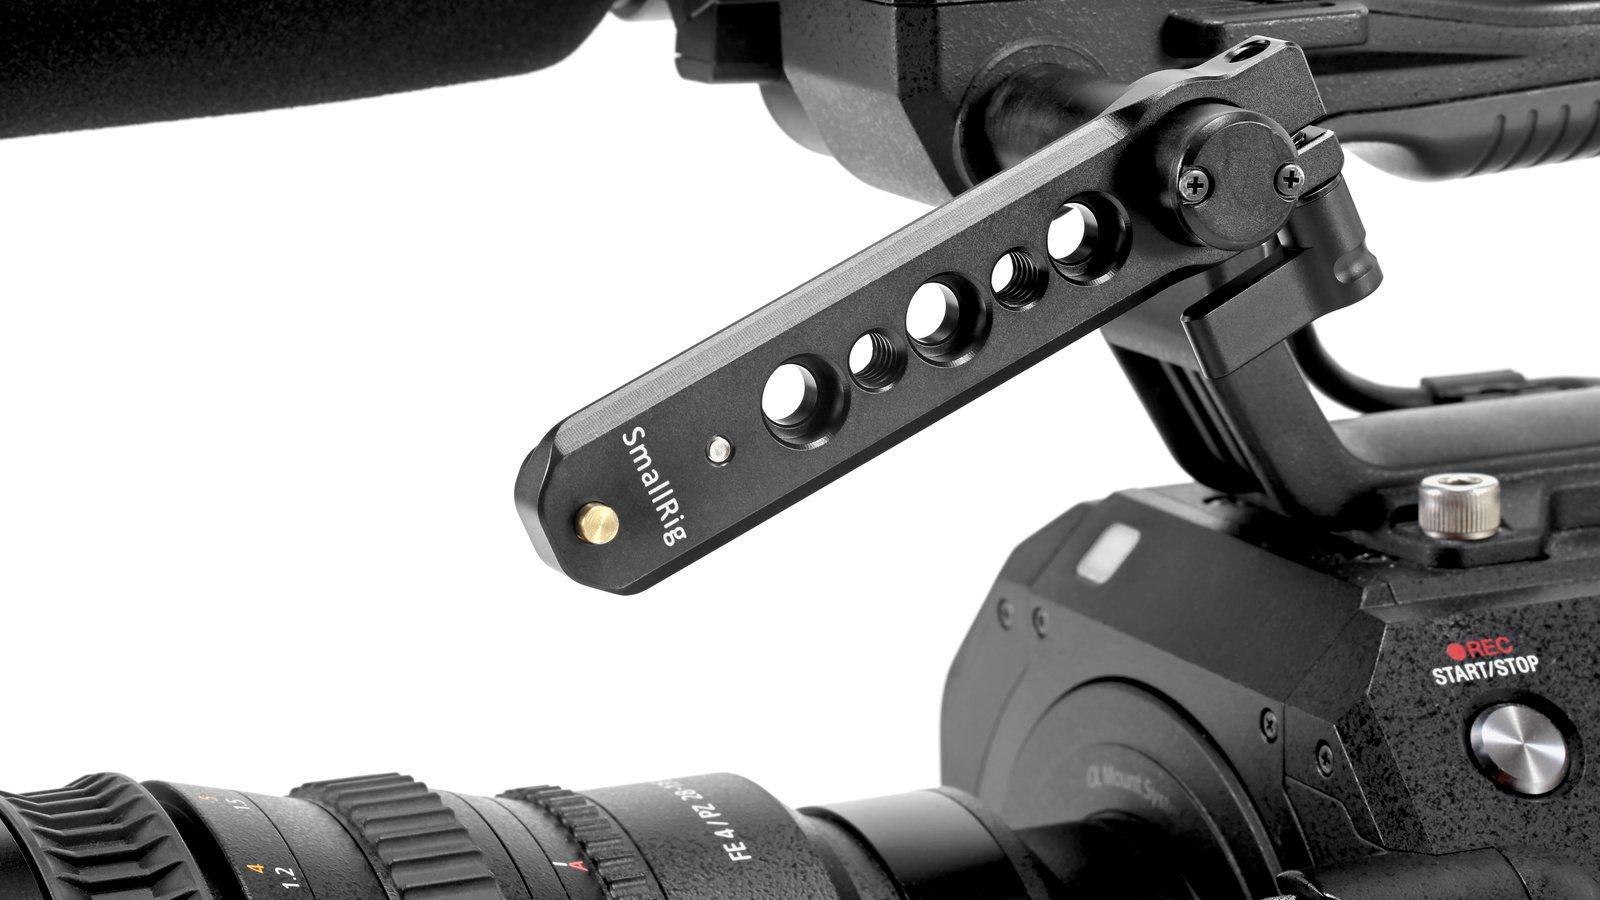 Schiene lässt sich als EVF Verlängerungsarm an der Sony FS7 nutzen.